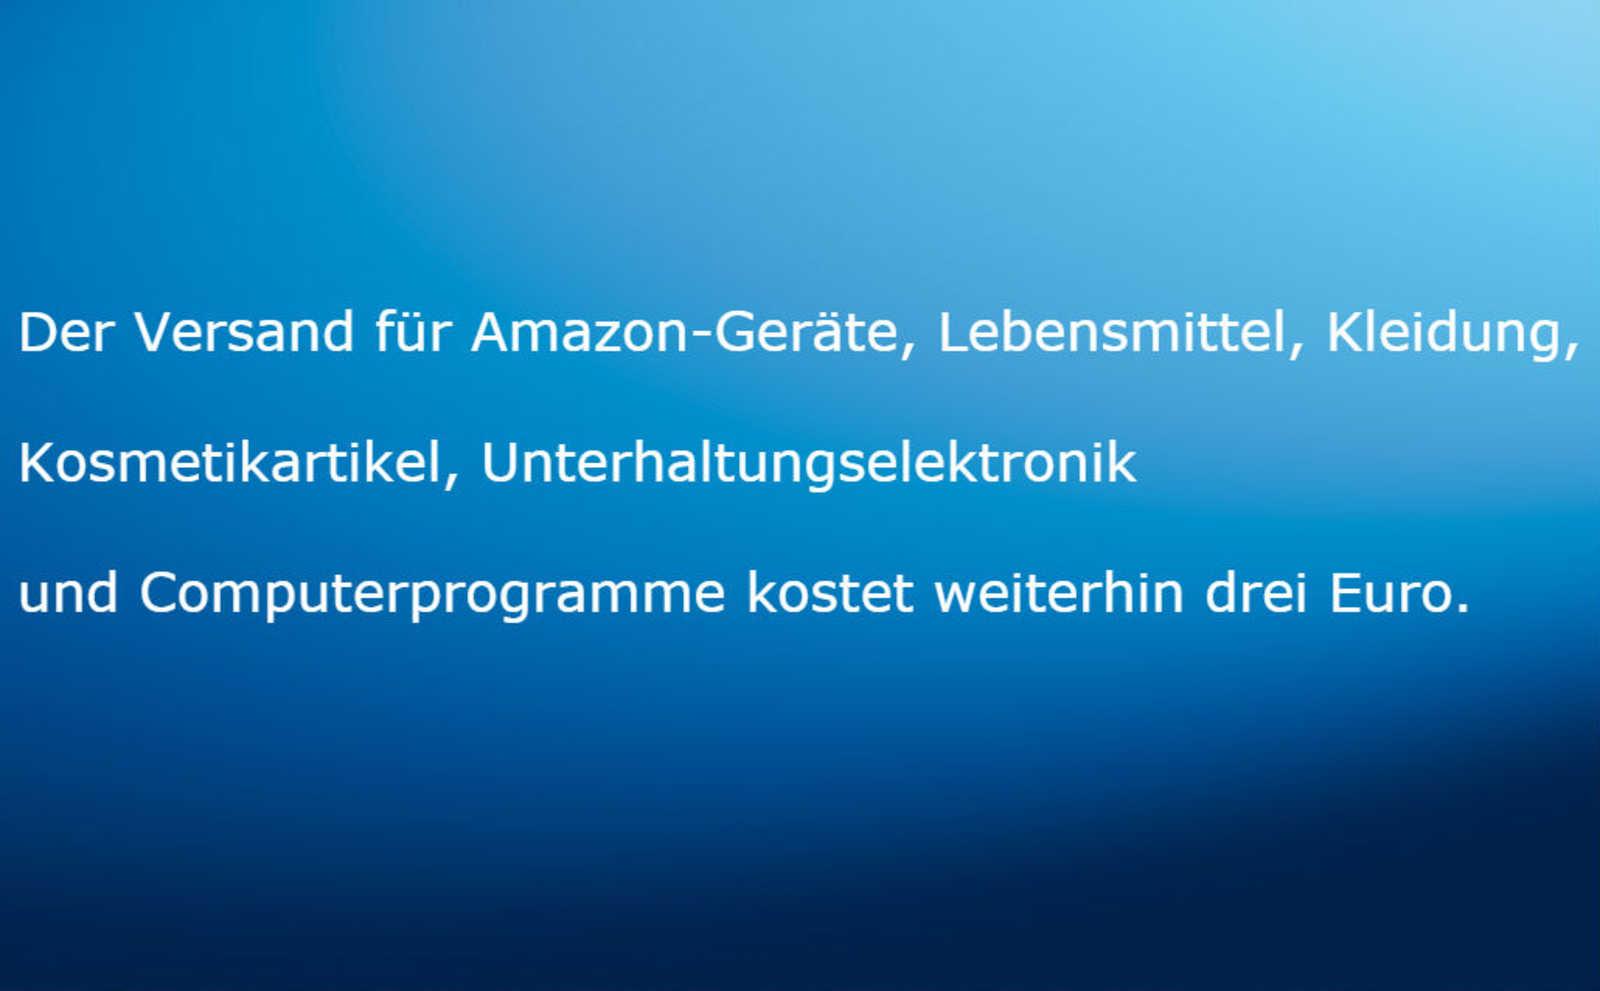 Amazon erhöht Versandkosten kurz vor Weihnachten um bis zu 40 ...